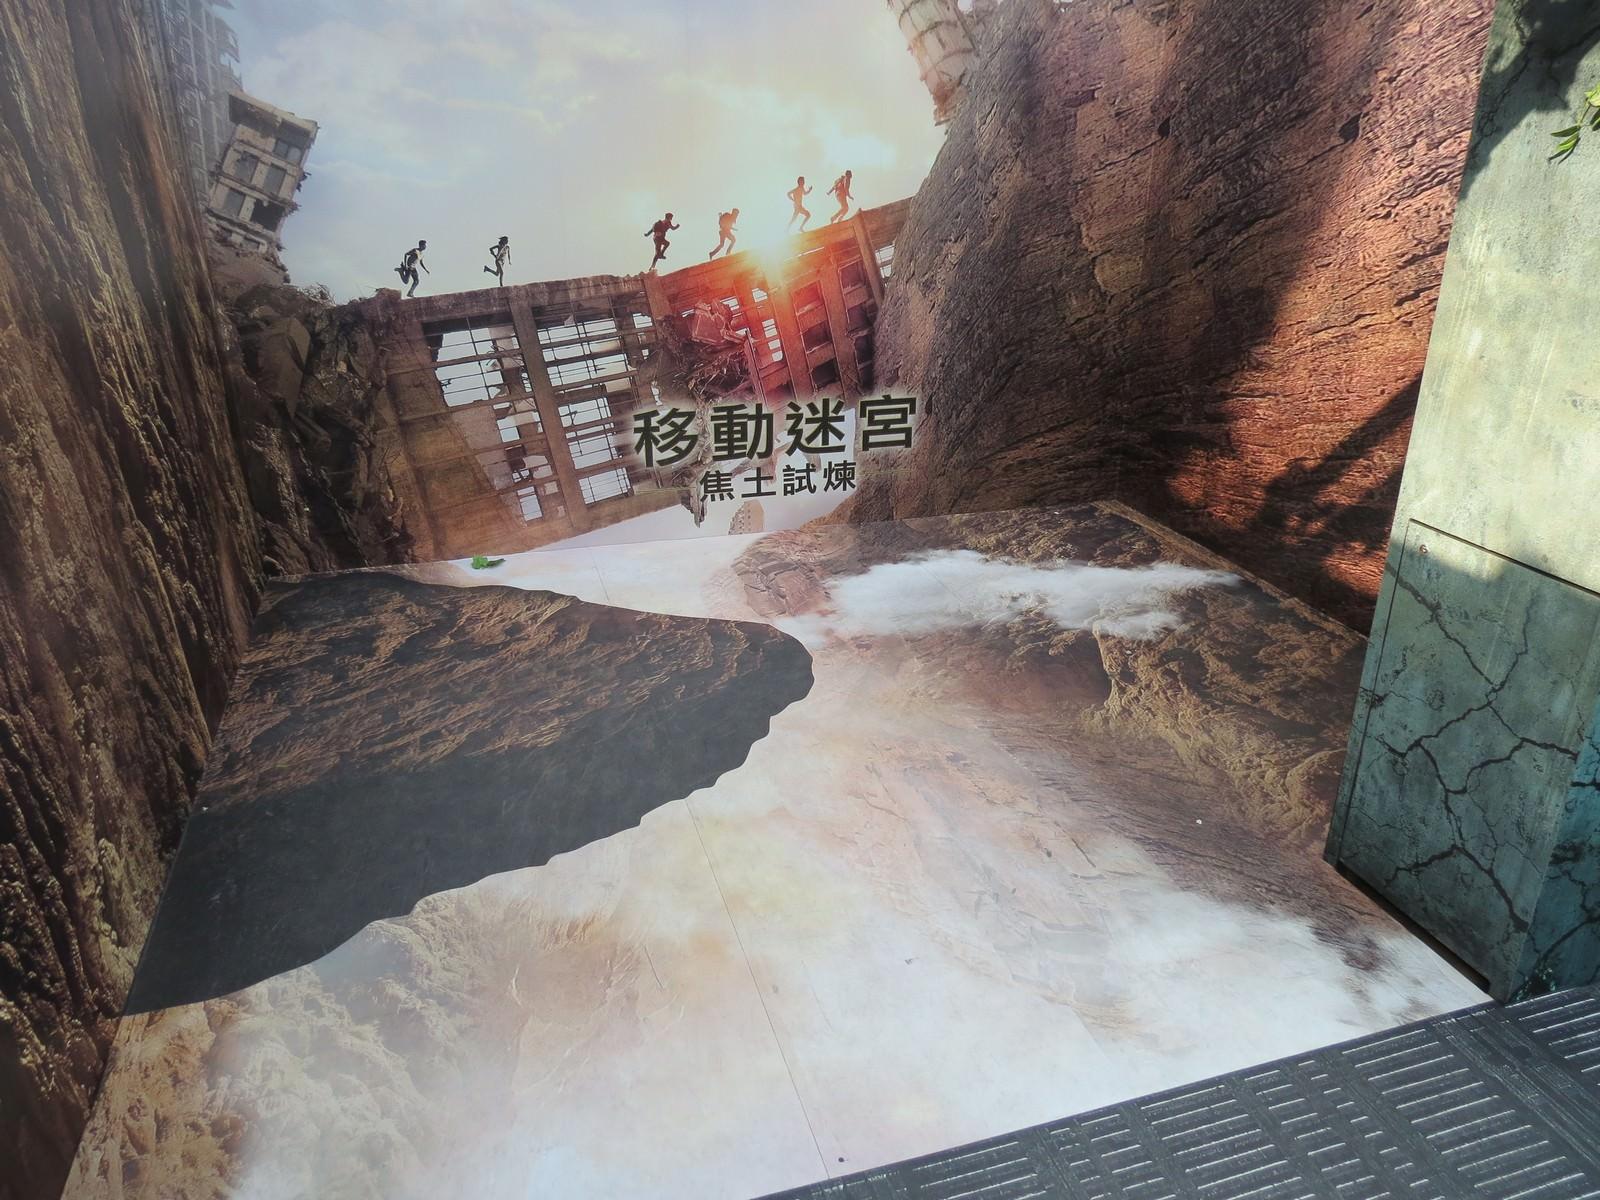 Movie, Maze Runner: The Death Cure(美國, 2018) / 移動迷宮:死亡解藥(台灣.香港) / 移动迷宫3:死亡解药(中國), 廣告看板, 三創數位生活園區